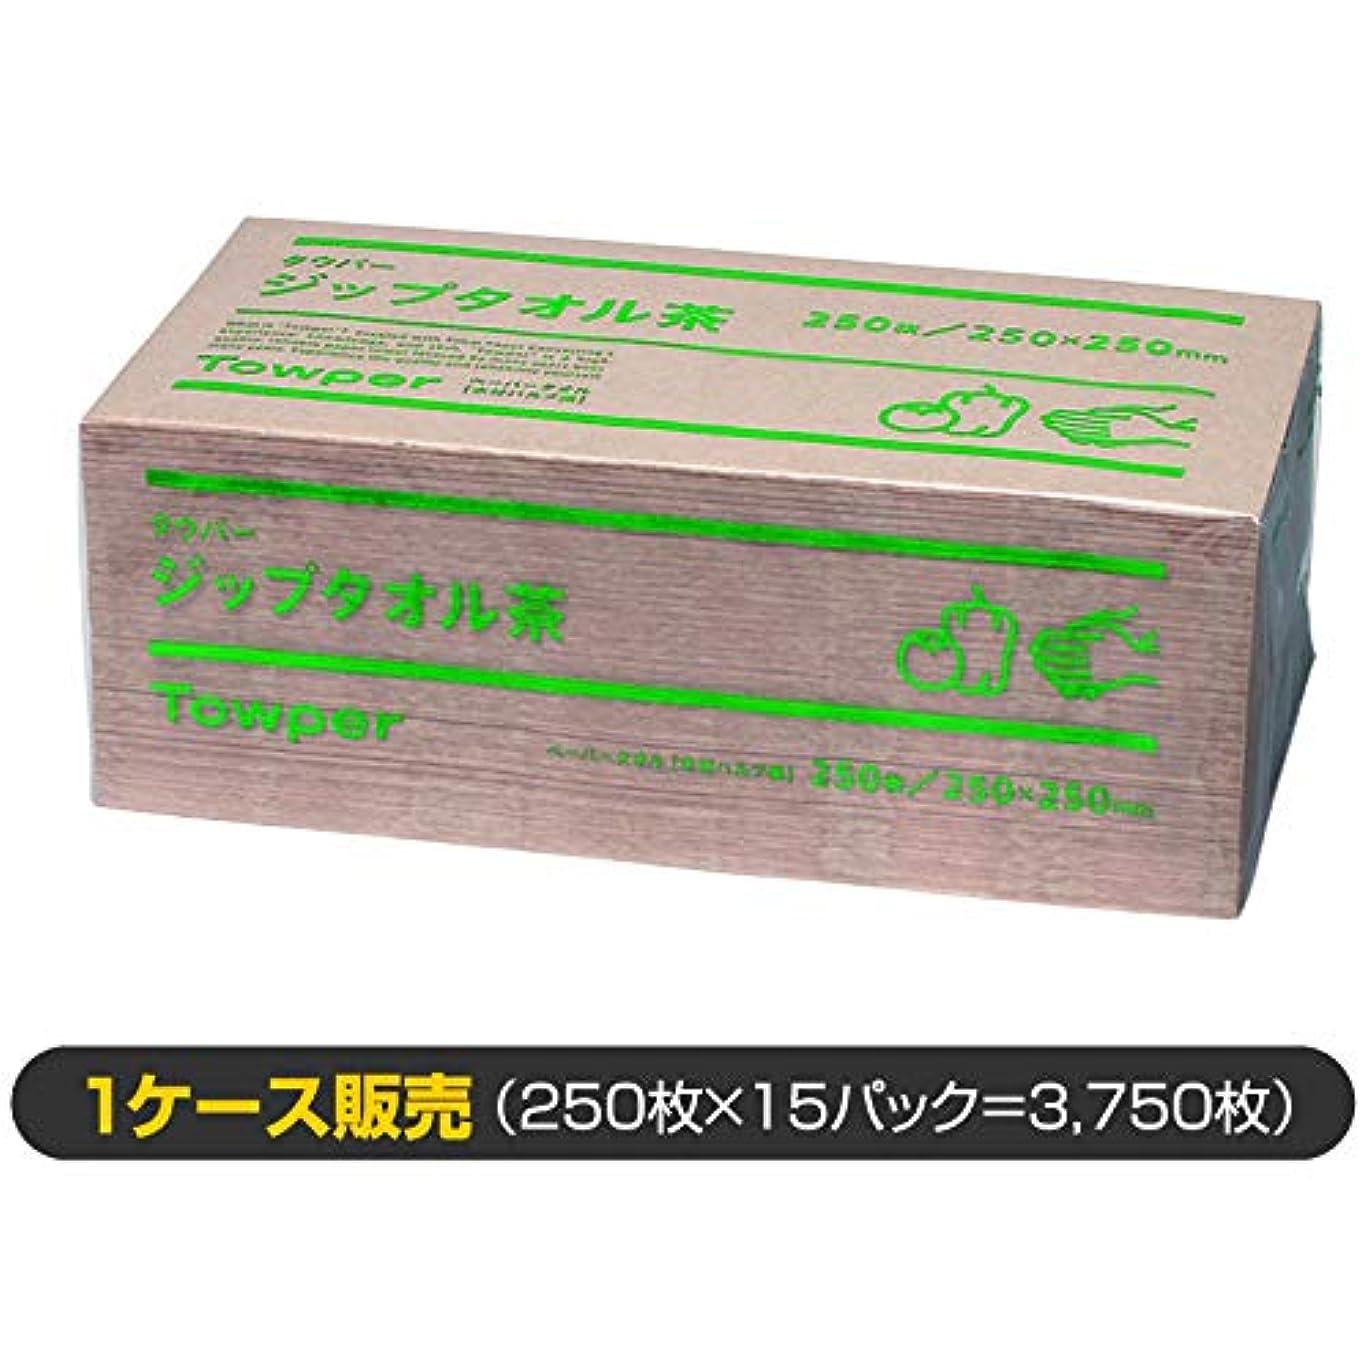 座る位置づける常習的ペーパータオル ジップタオル(茶) /1ケース販売(清潔キレイ館/大判サイズ用)